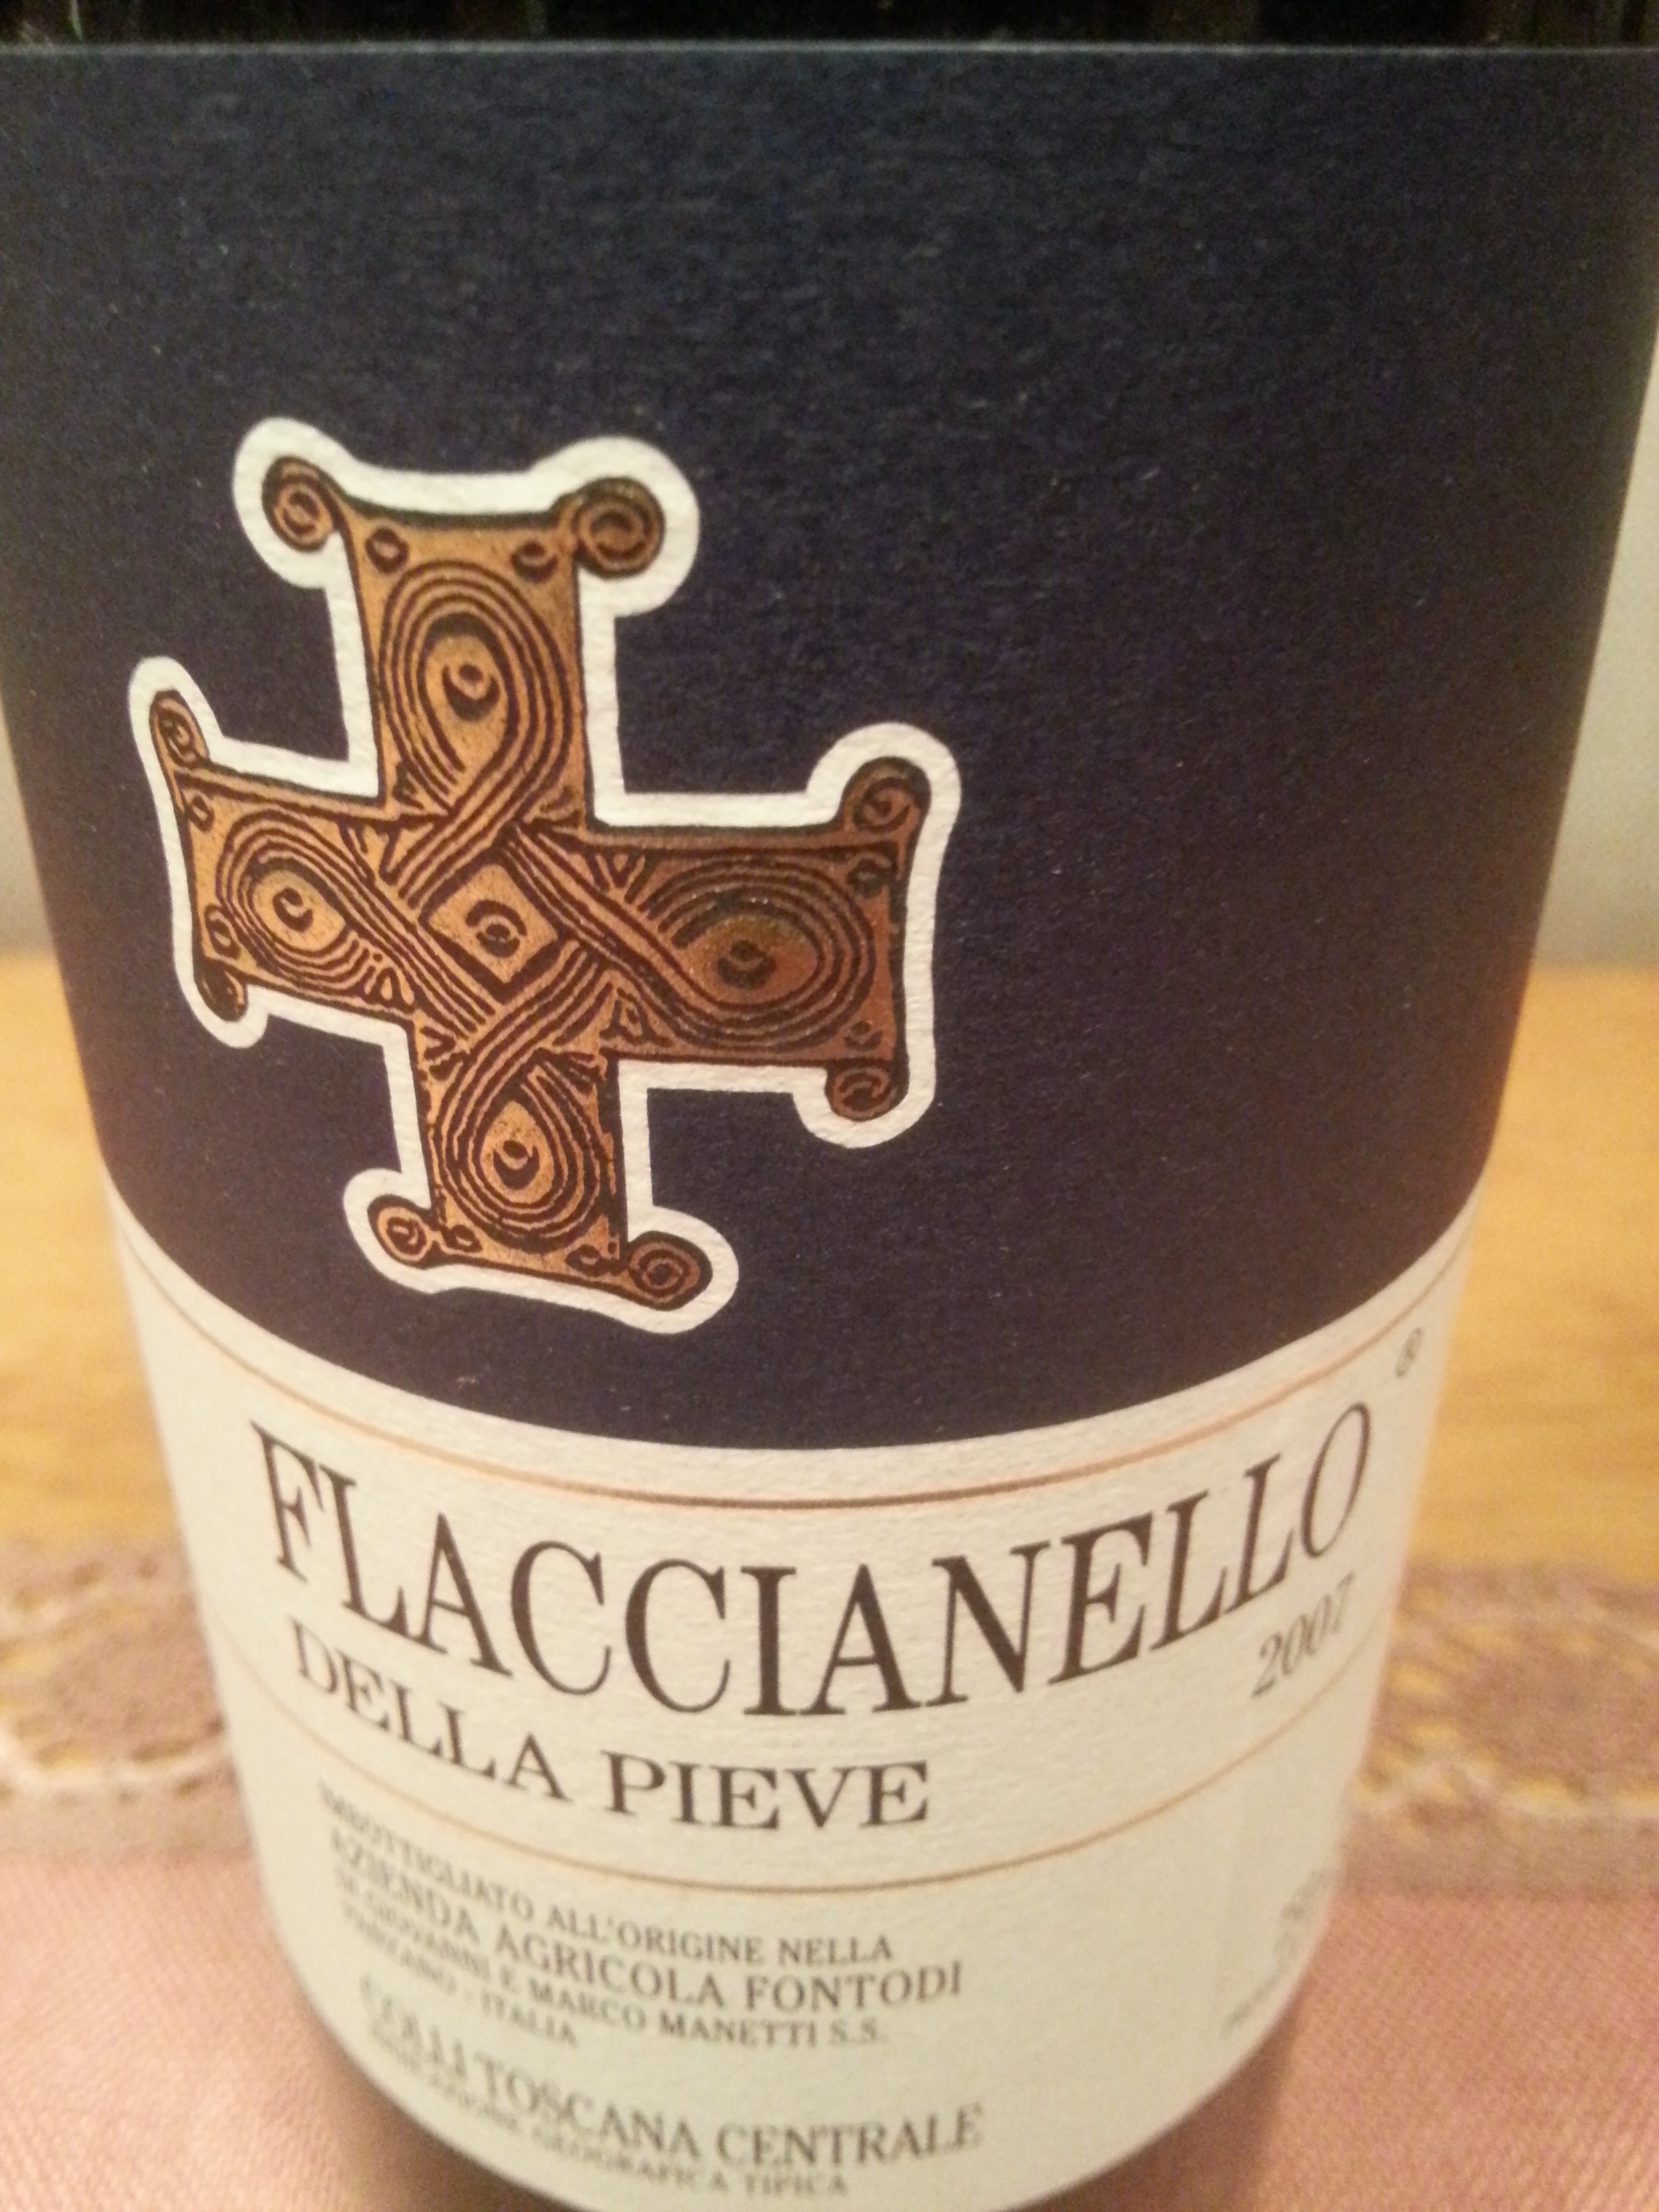 2007 Flaccianello   Fontodi